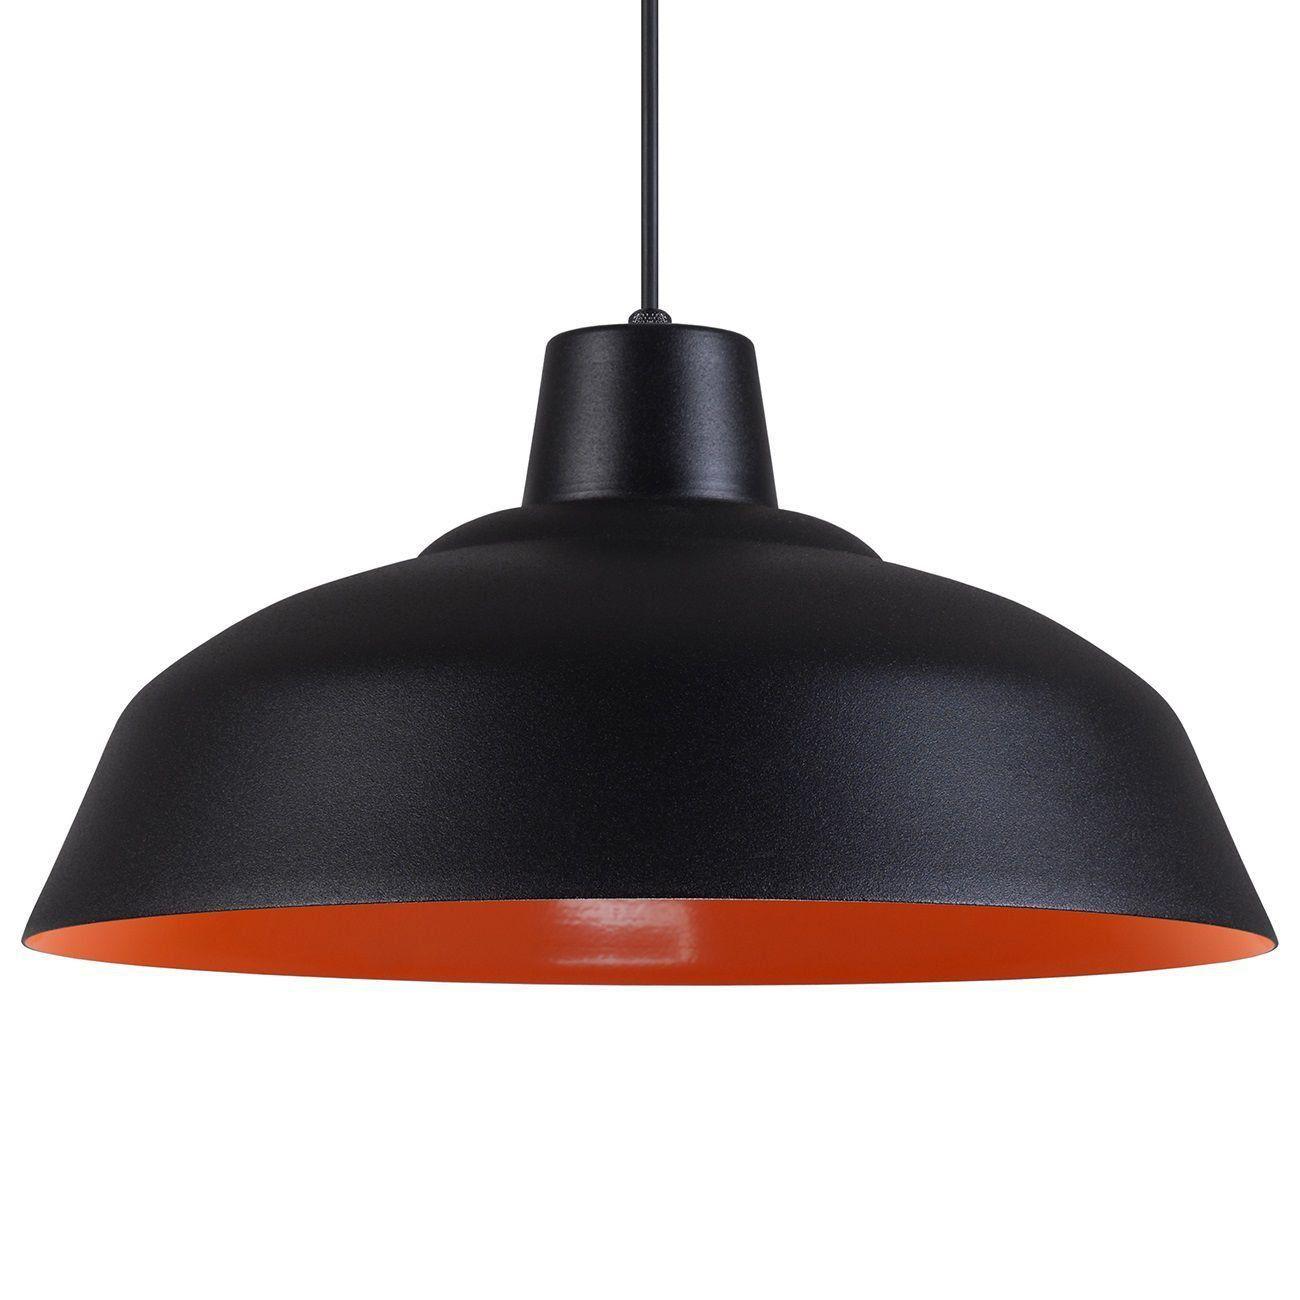 Pendente Retrô 34cm Luminária Lustre Alumínio Preto Textura C/ Laranja - Rei Da Iluminação